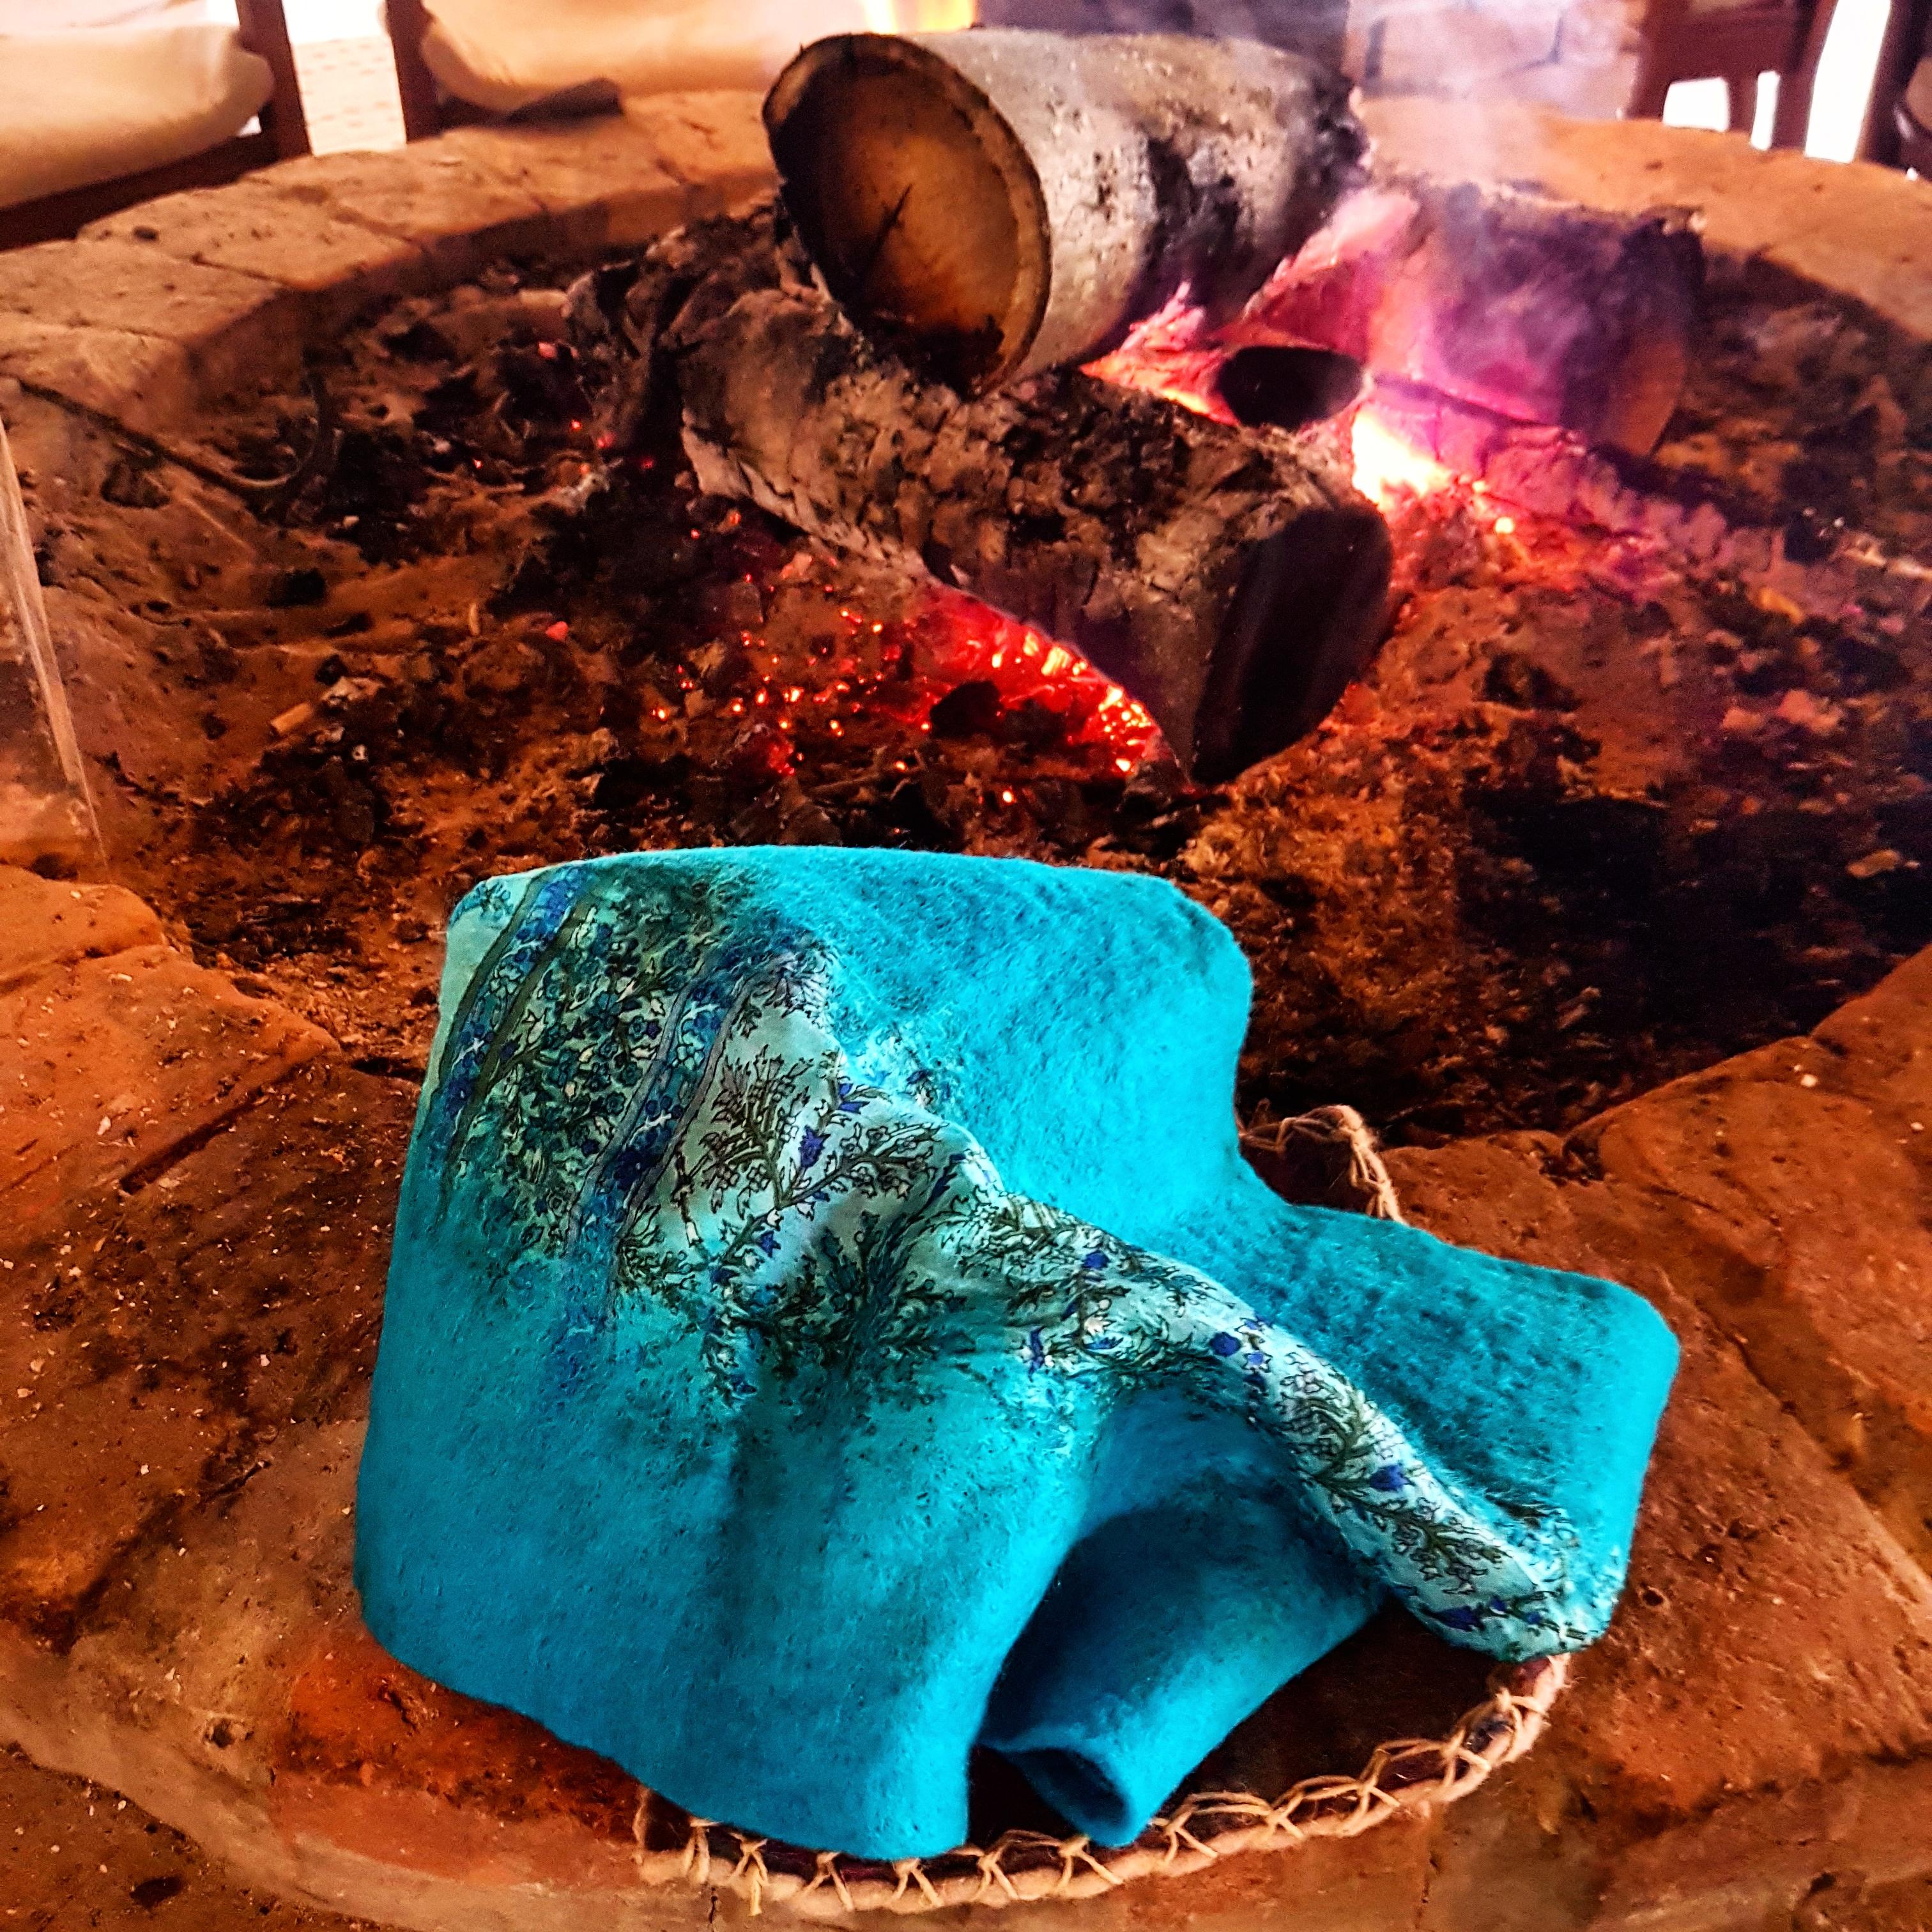 Keseli Keçe İşlemeli İpek Atkı, Fular